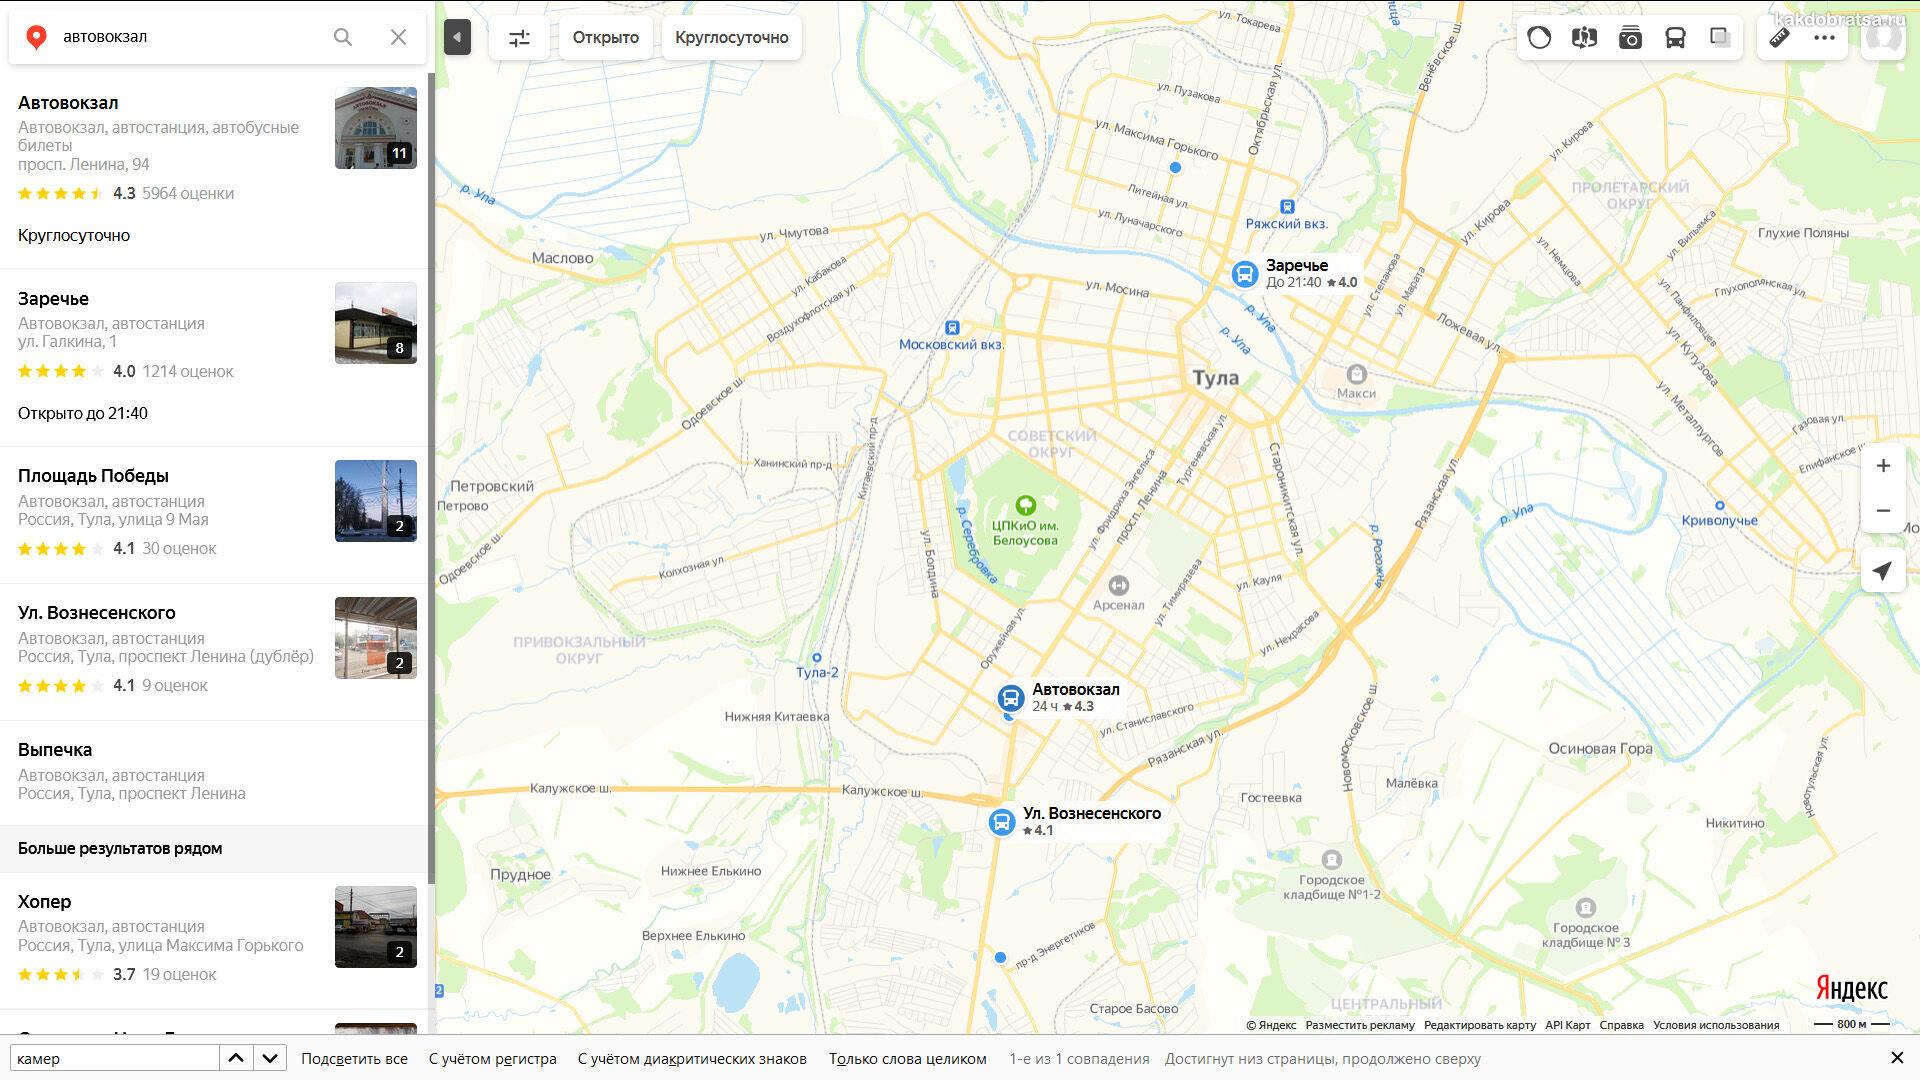 Автовокзалы Тулы Центральный и Заречье на карте и адреса